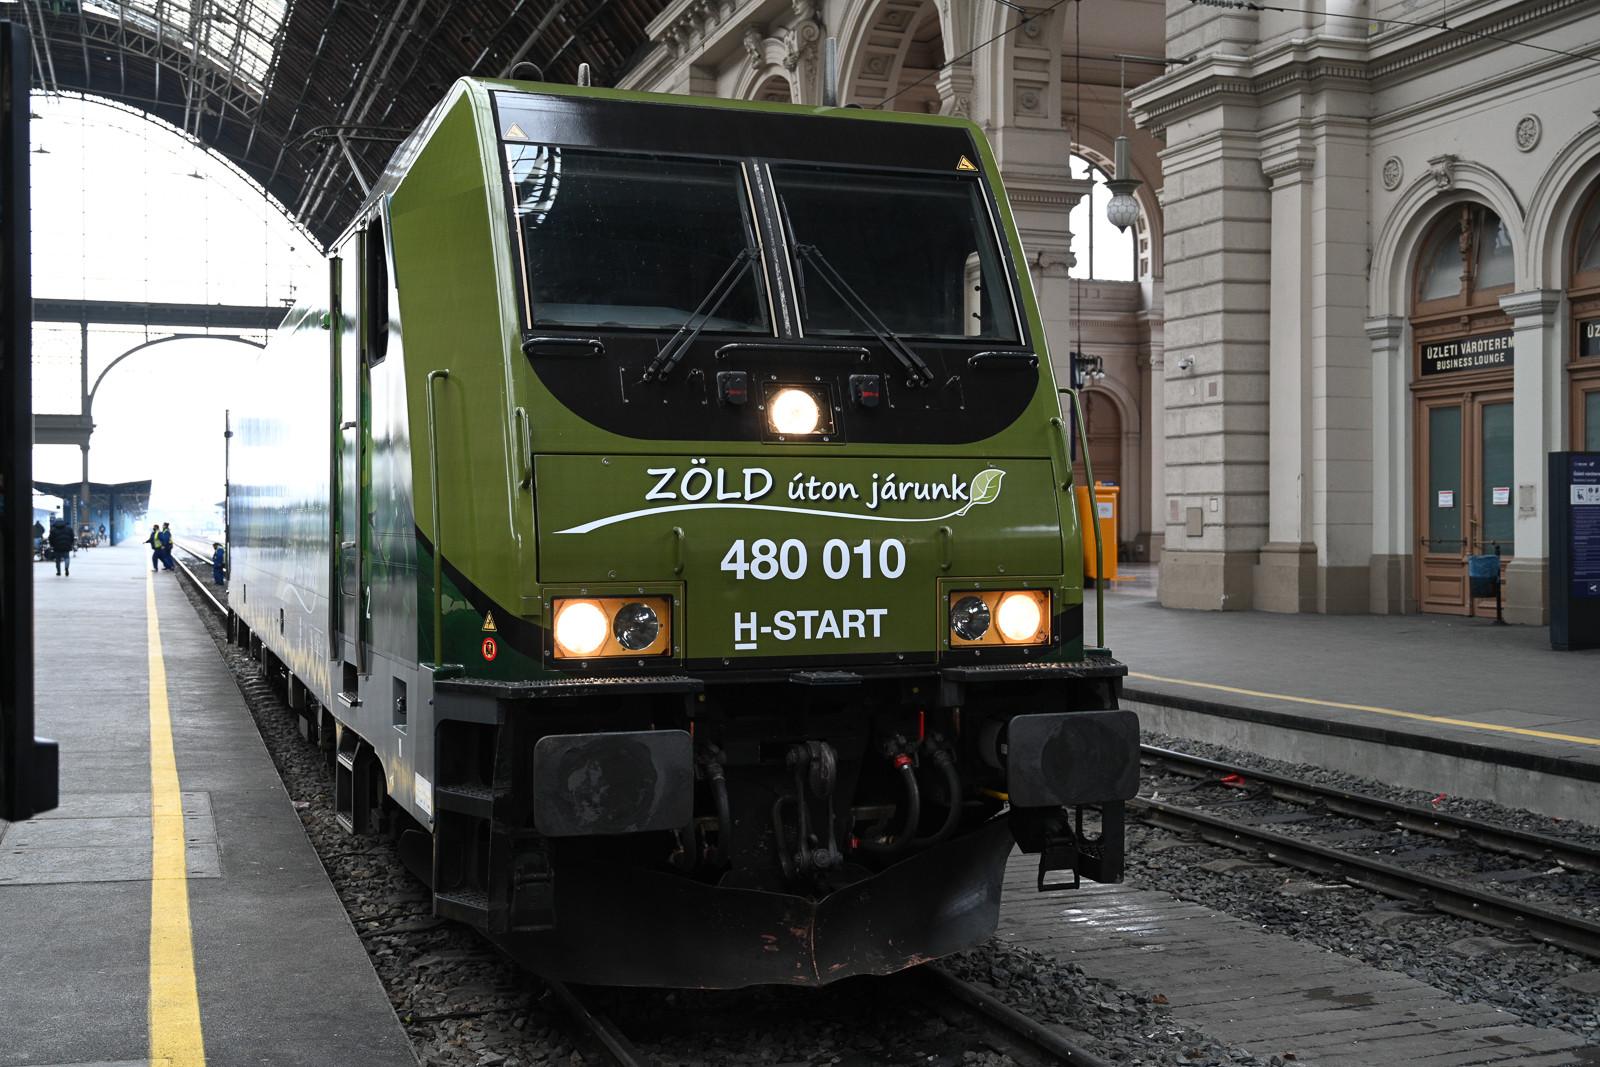 A vonatjegyen mostantól mindenki leolvashatja, hogy mennyi szén-dioxid-kibocsátást takarított meg azáltal, hogy a vasutat választotta